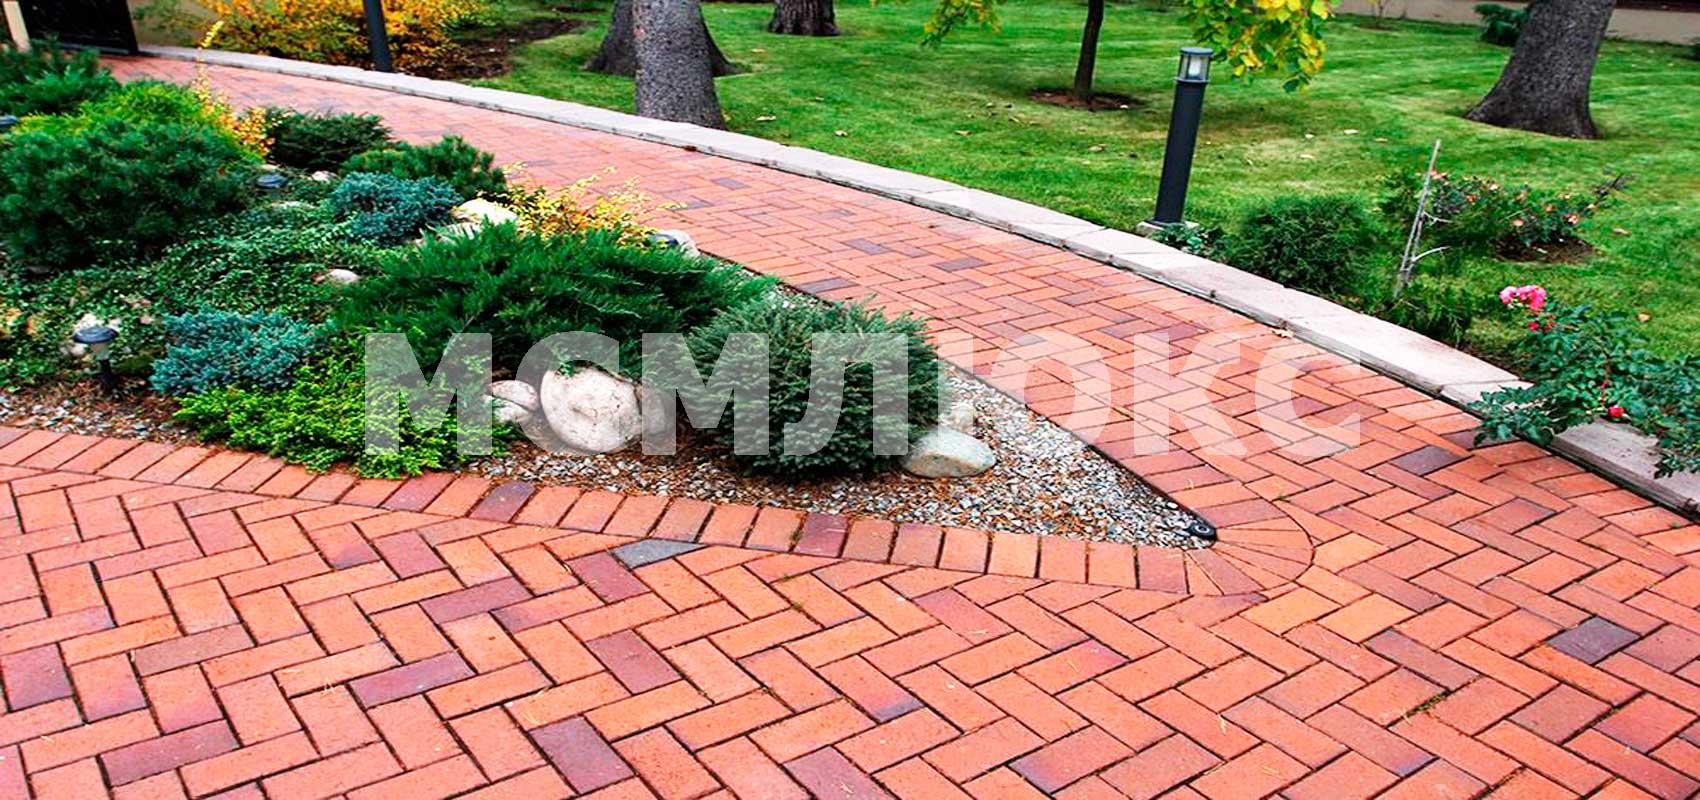 купить тротуарную плитку в бронницах от производителя